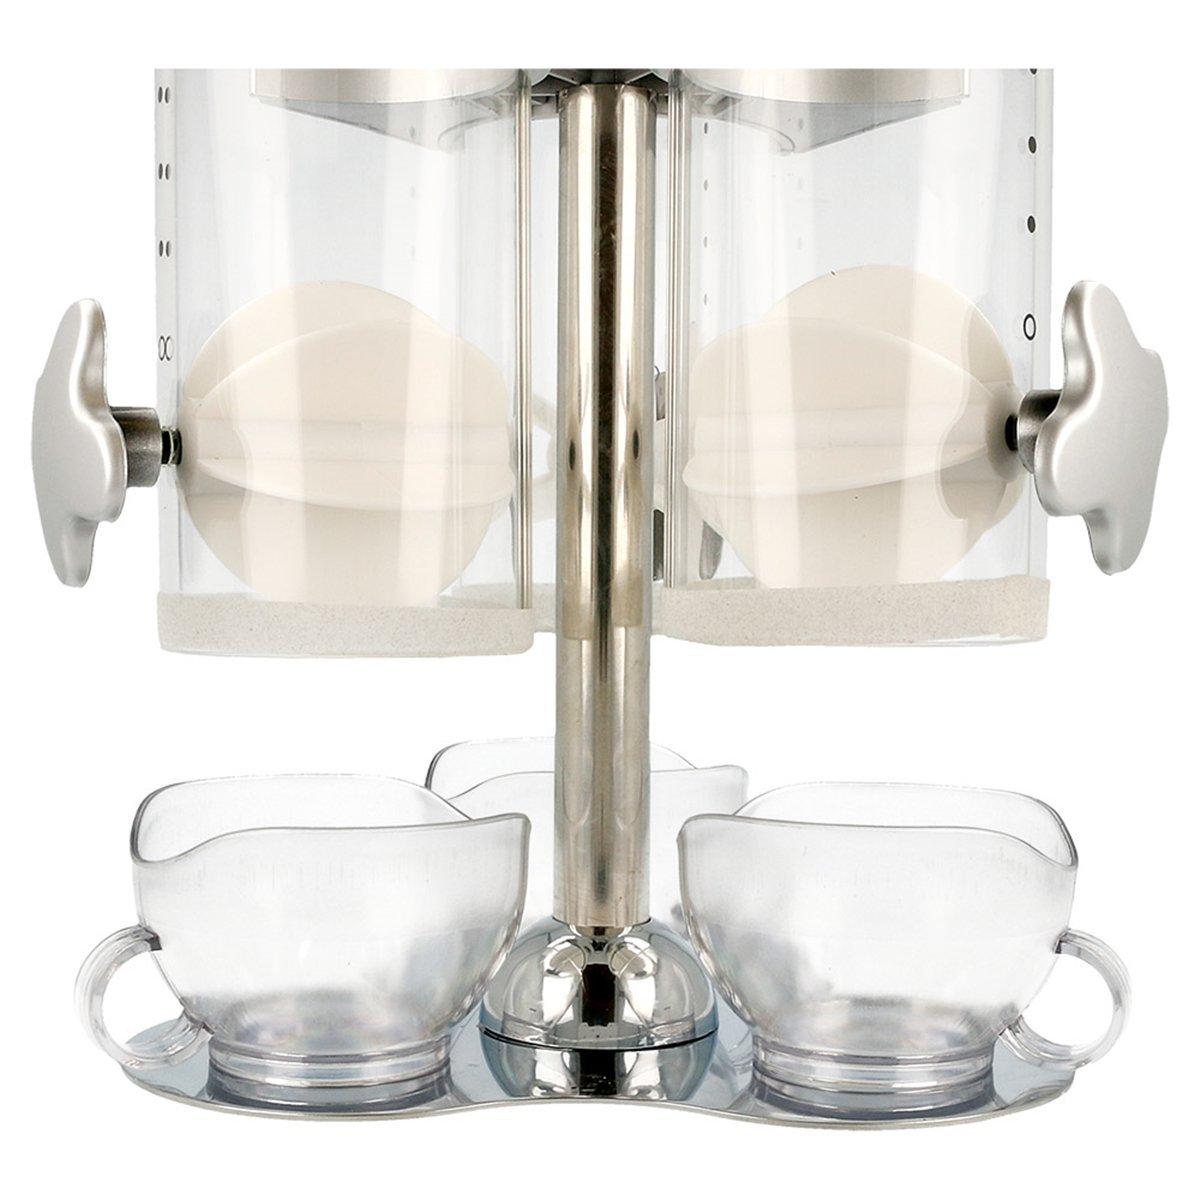 García de Pou 146.73 Dispensador de Cereales Triple, 20 x 20 x 45 cm, Transparente: Amazon.es: Industria, empresas y ciencia